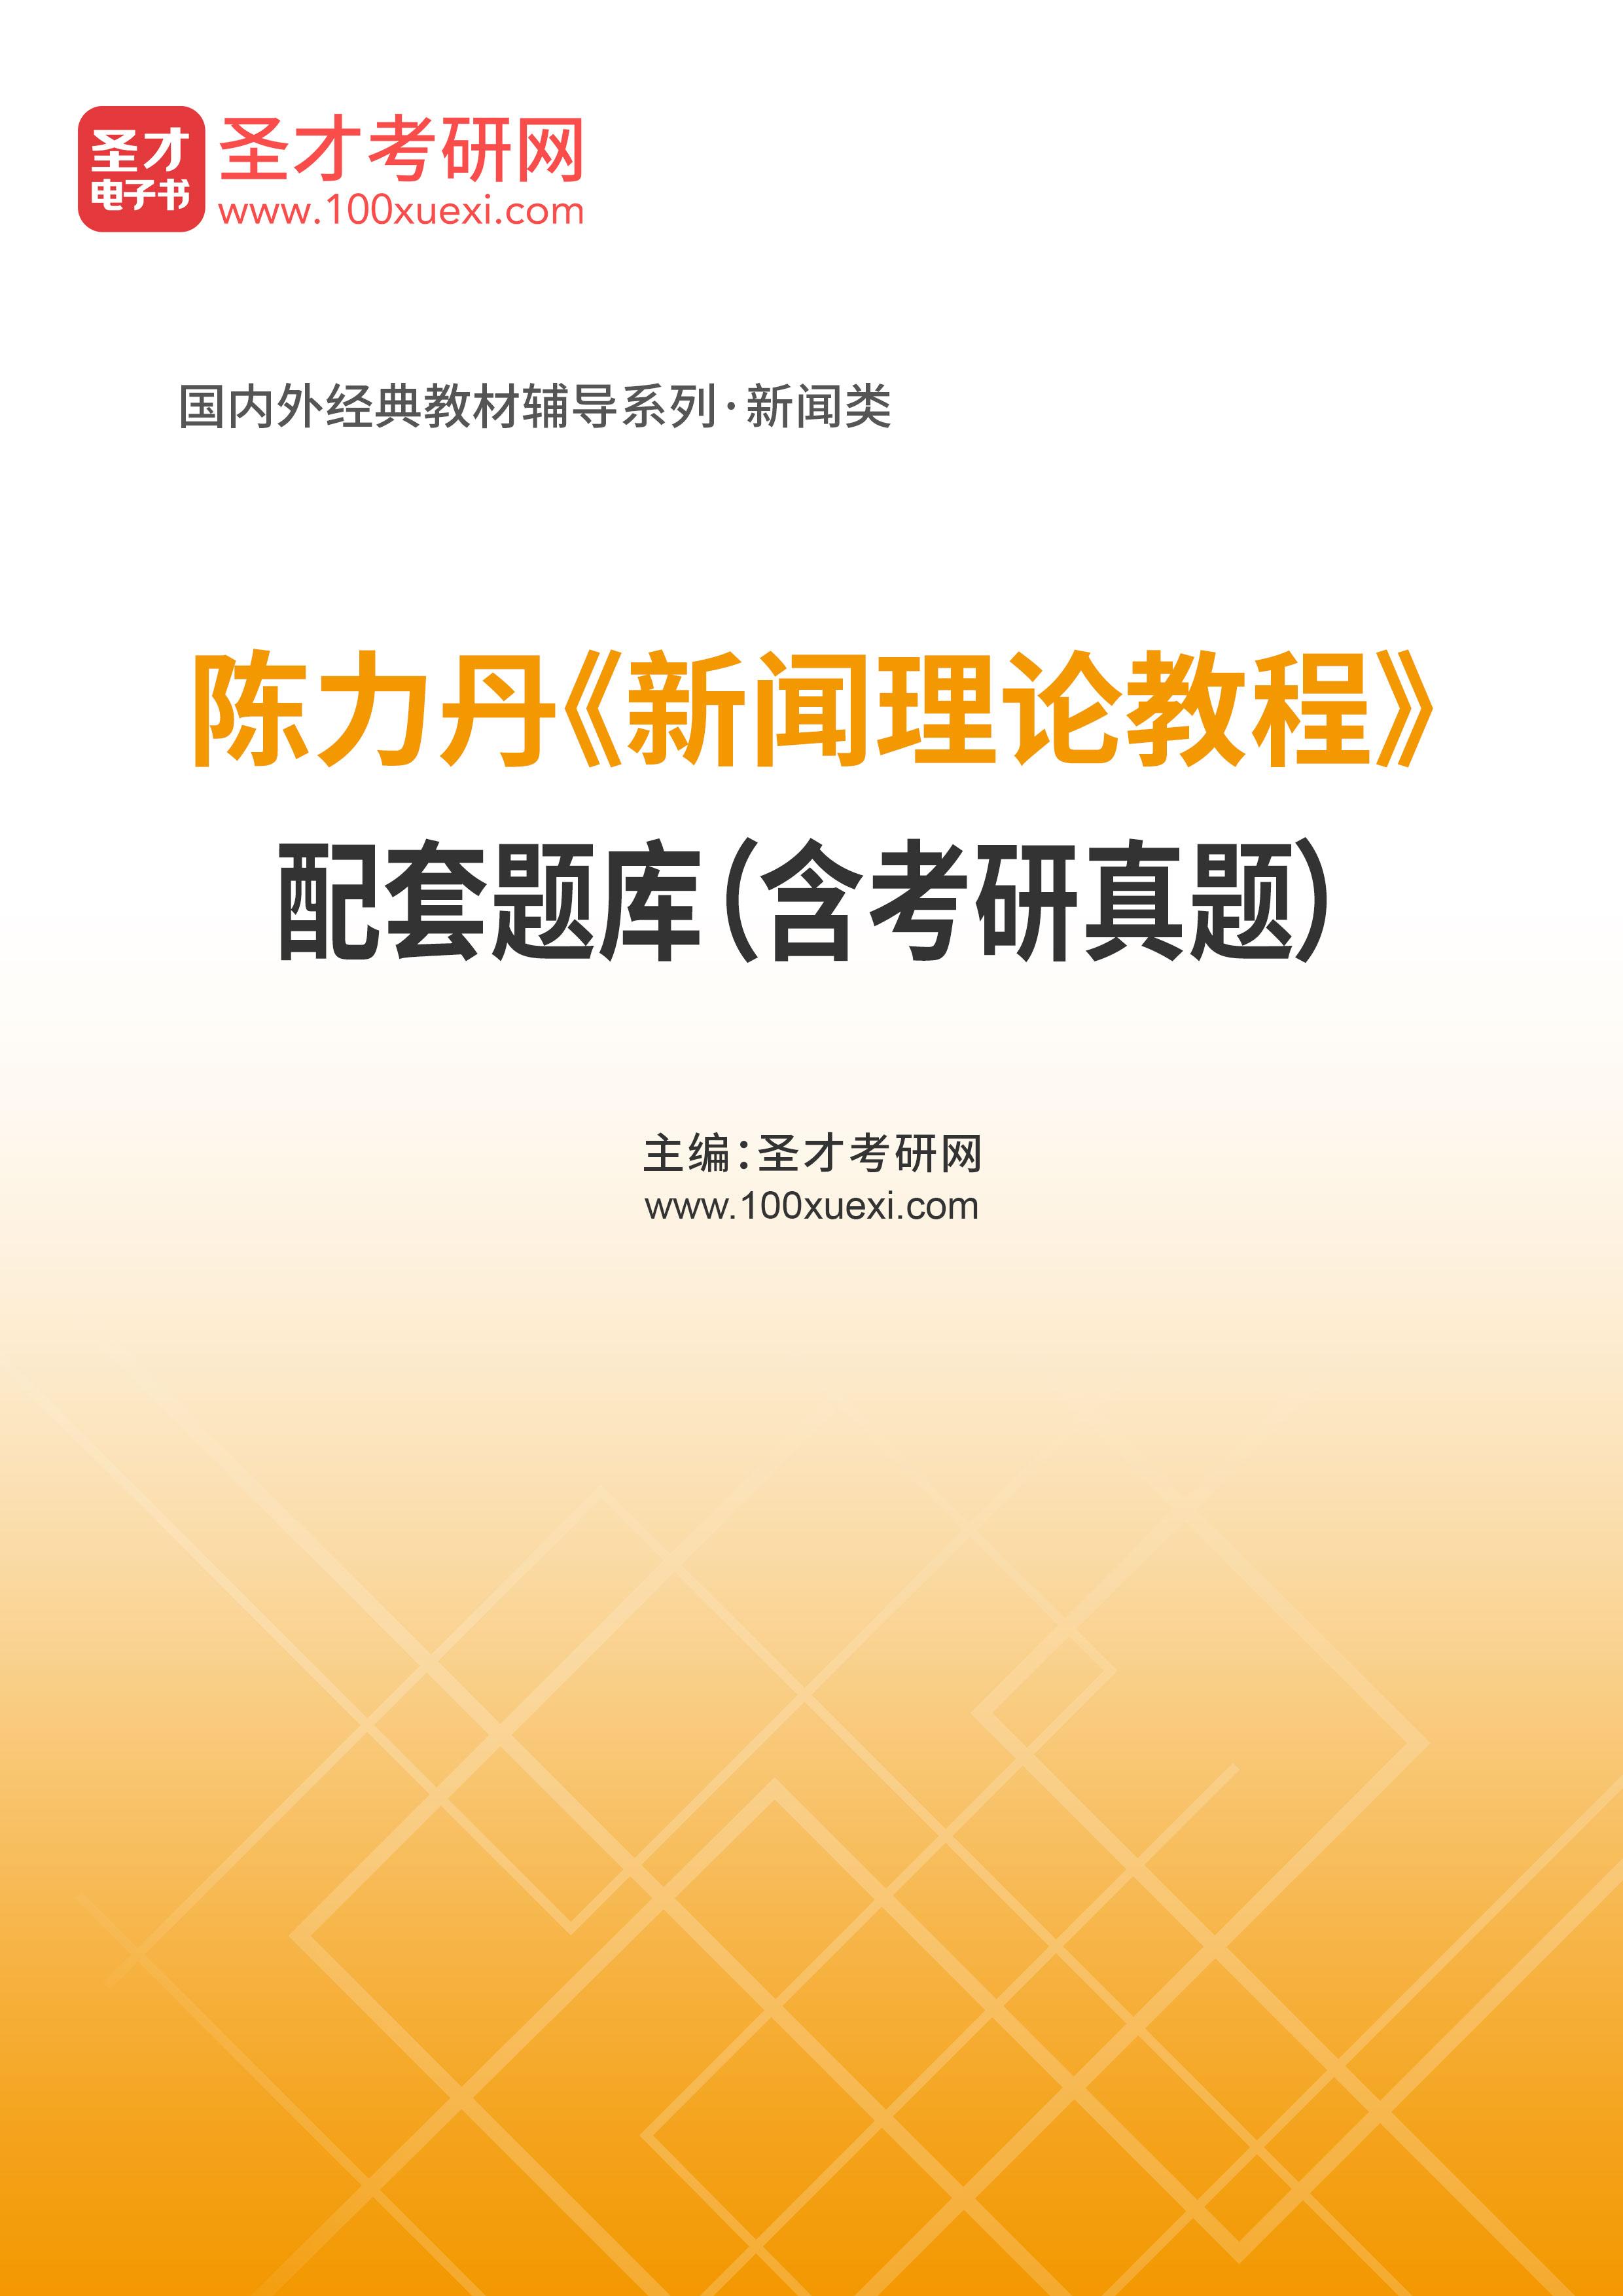 陈力丹《新闻理论教程》配套题库(含考研真题)